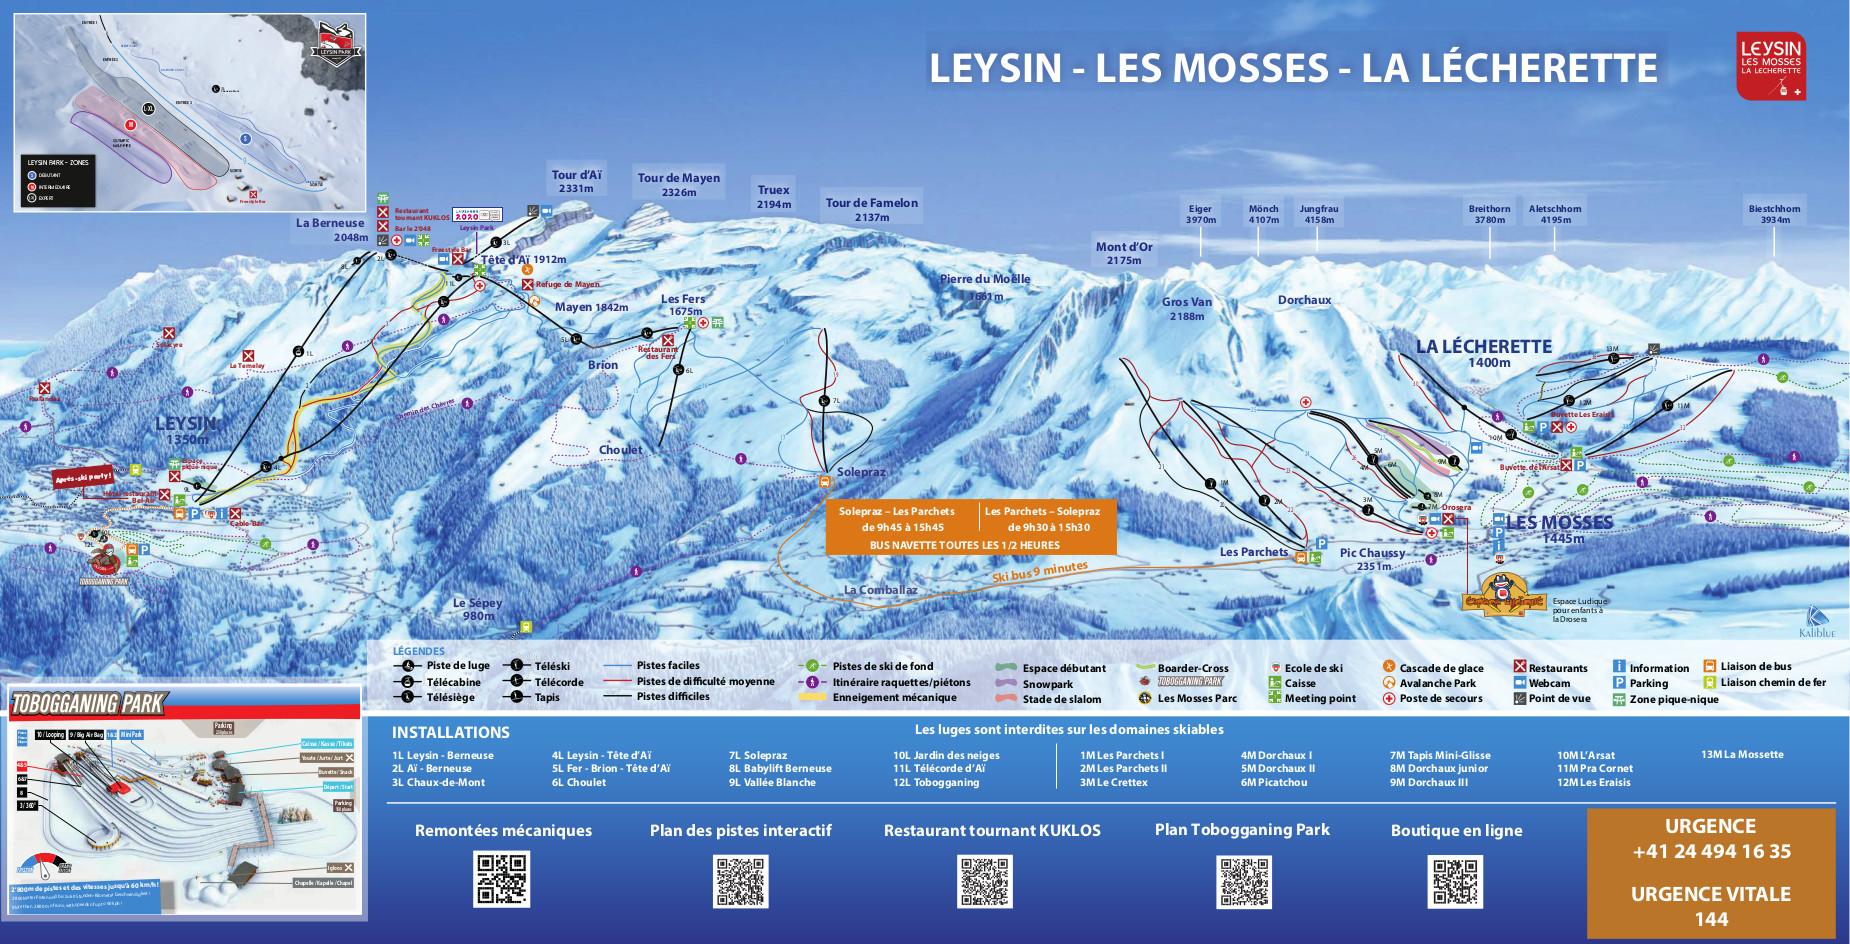 Les Mosses - La Lécherette Piste / Trail Map